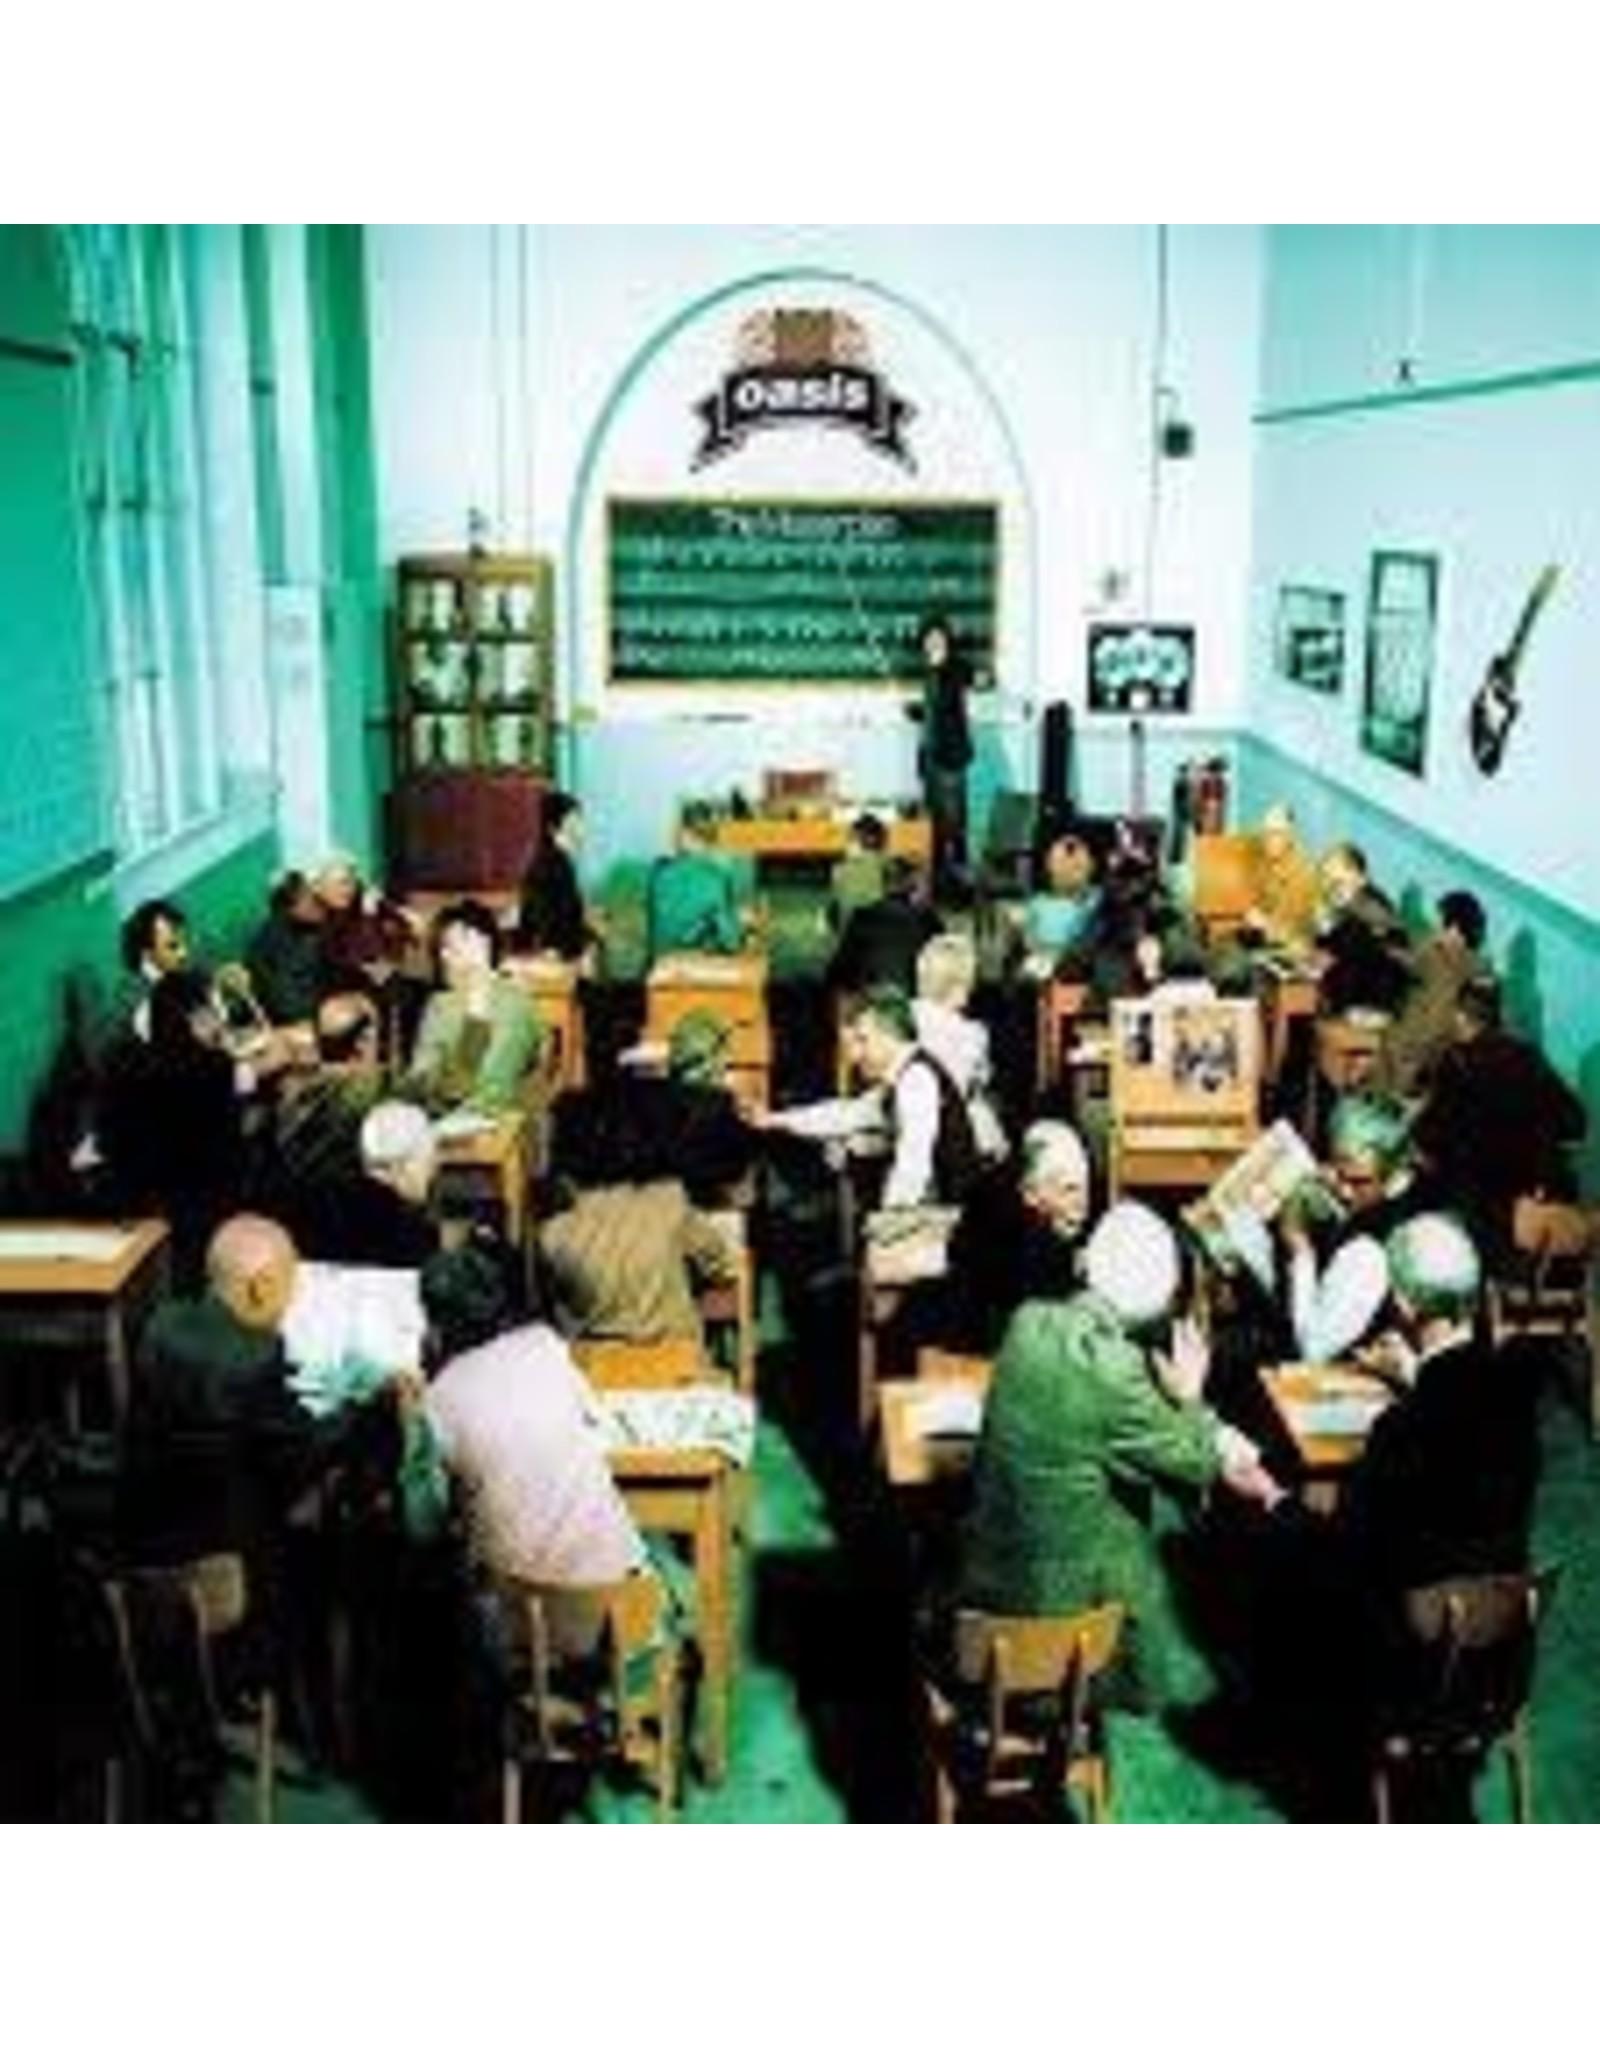 Oasis - Masterplan LP